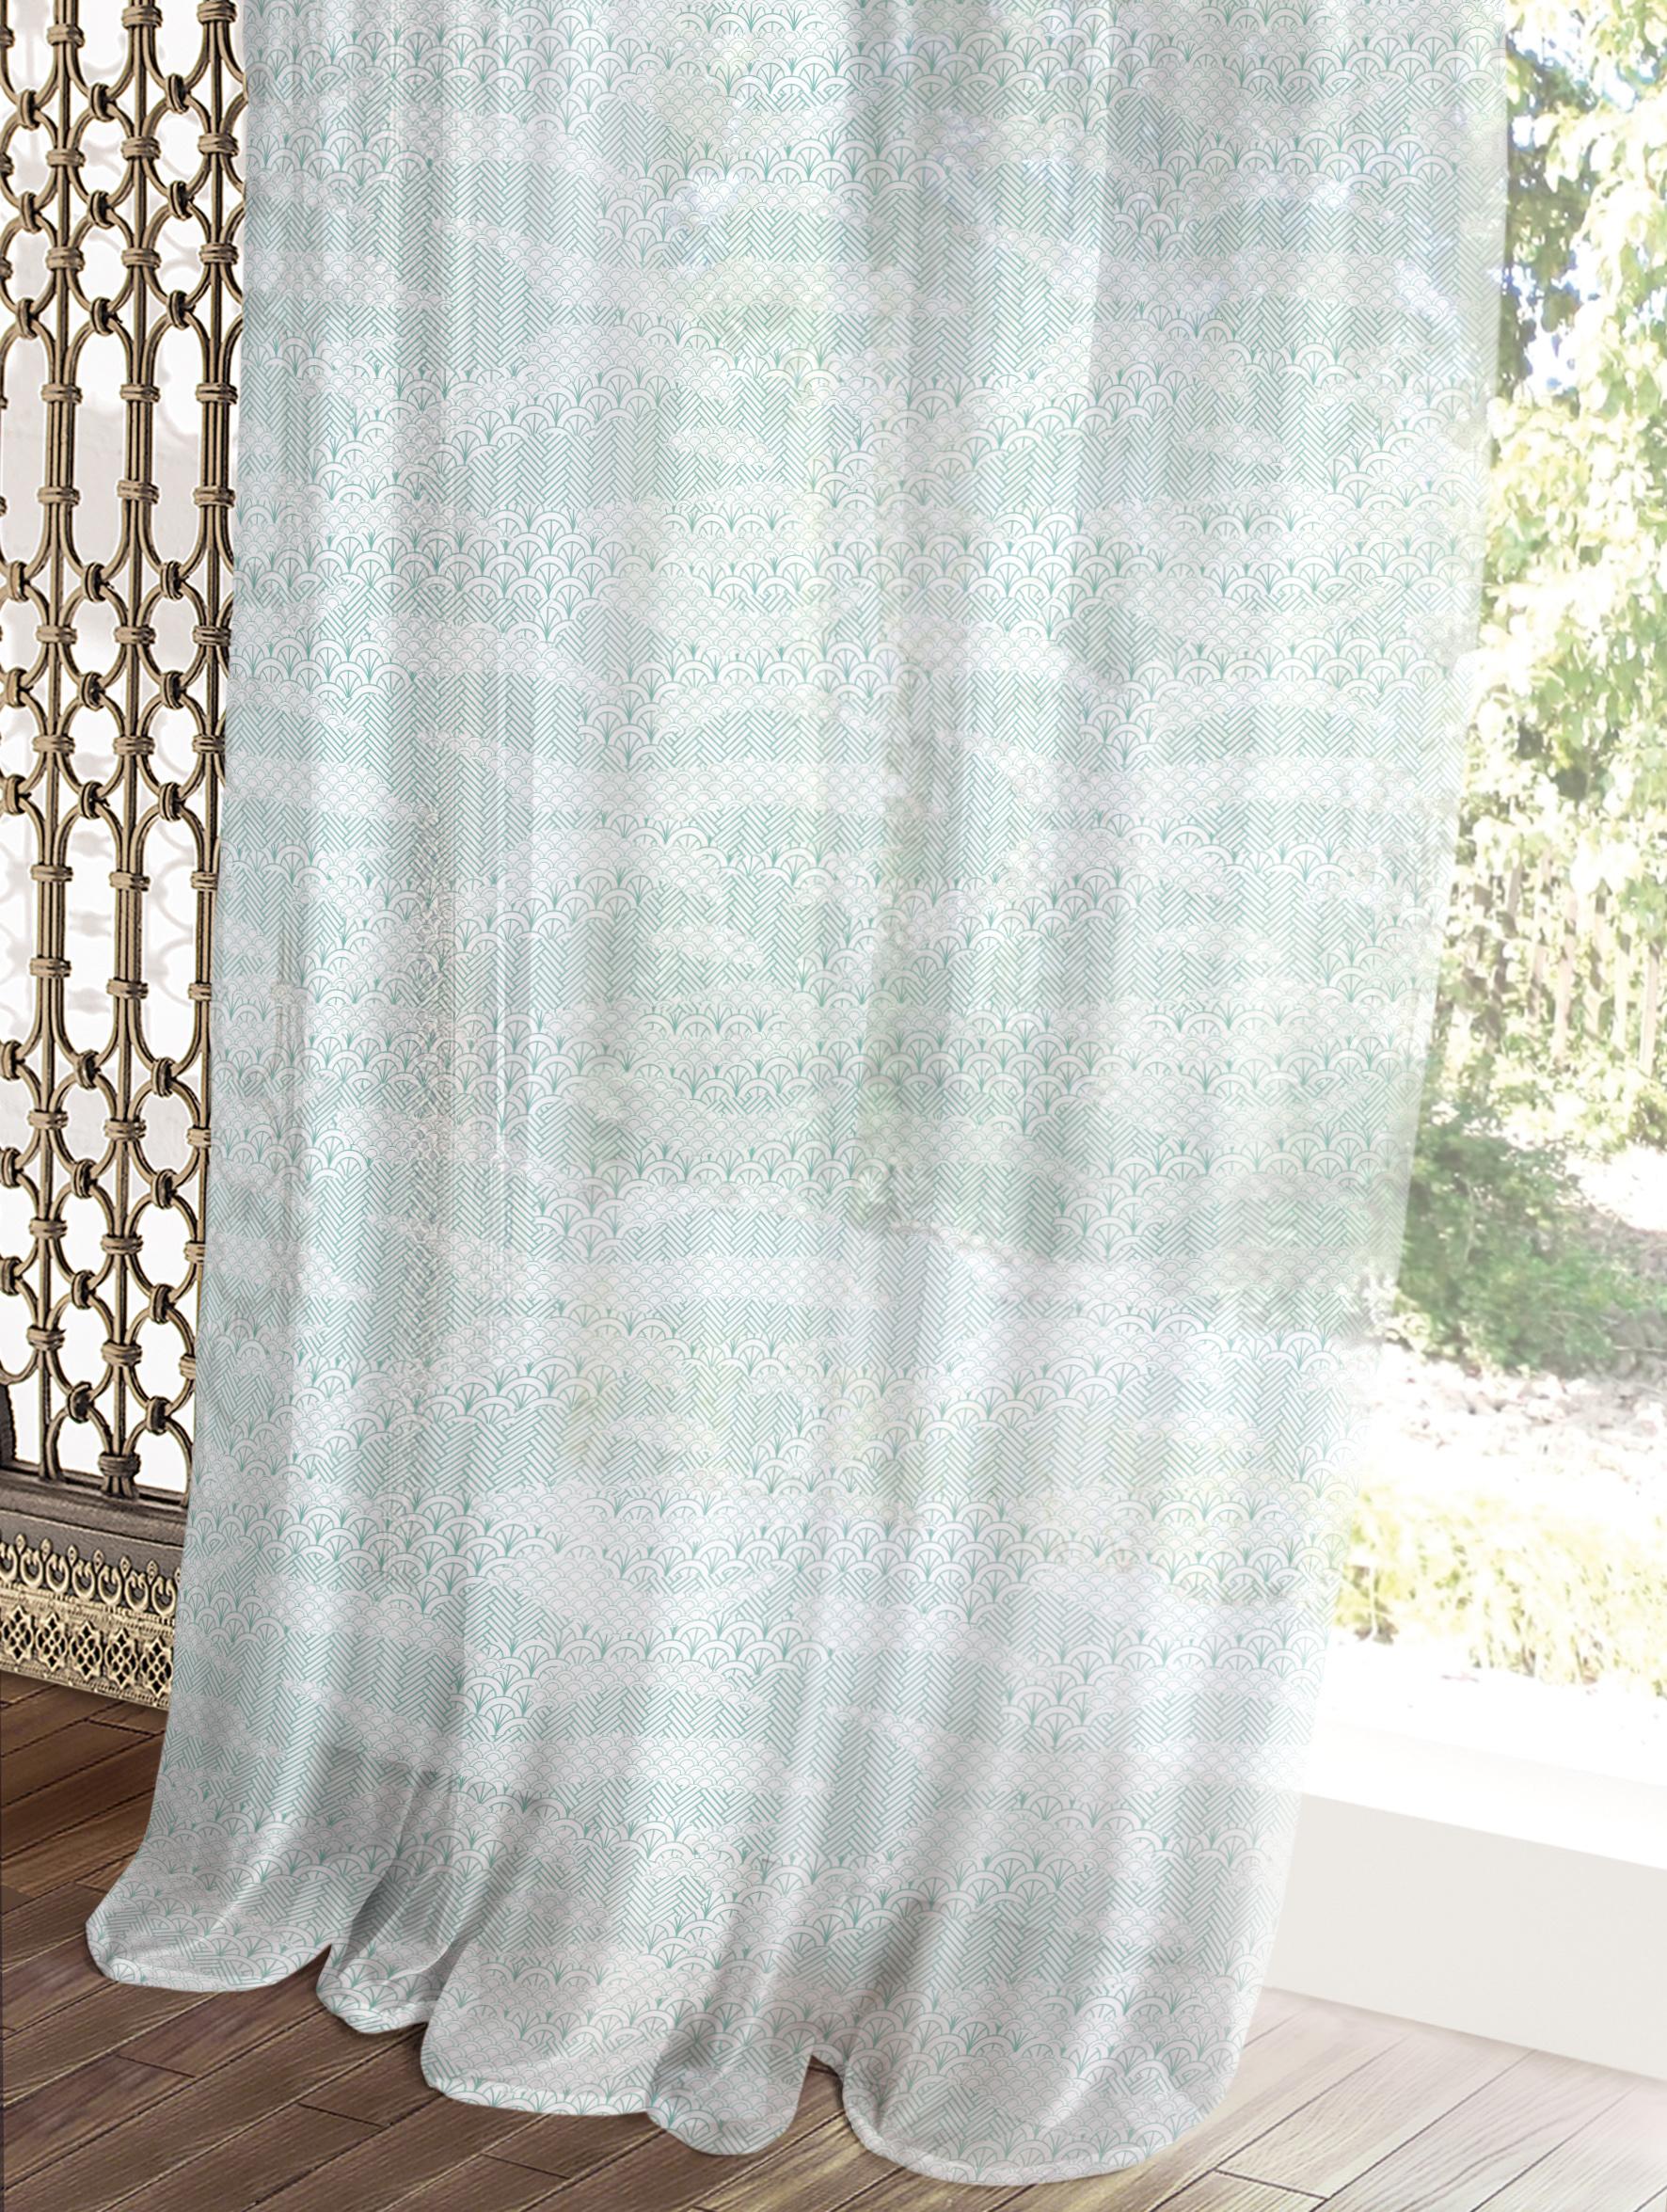 Комплект штор Волшебная ночь Этно, цвет: голубой, 150 x 270 см, 2 шт